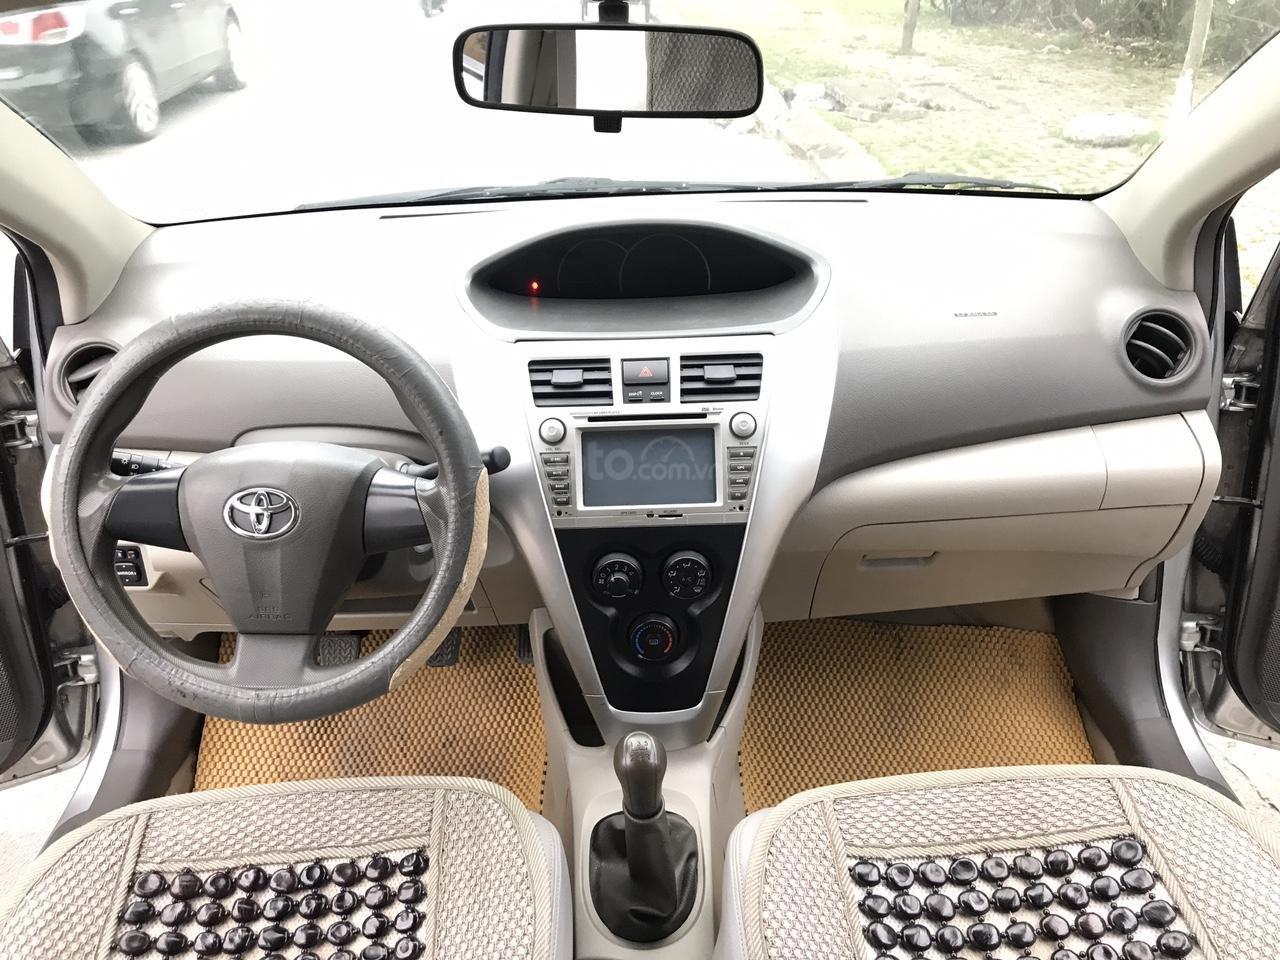 Bán Toyota Vios 1.5 E đời 2013, màu bạc, 380 triệu. Nói không với Limo taxi-4